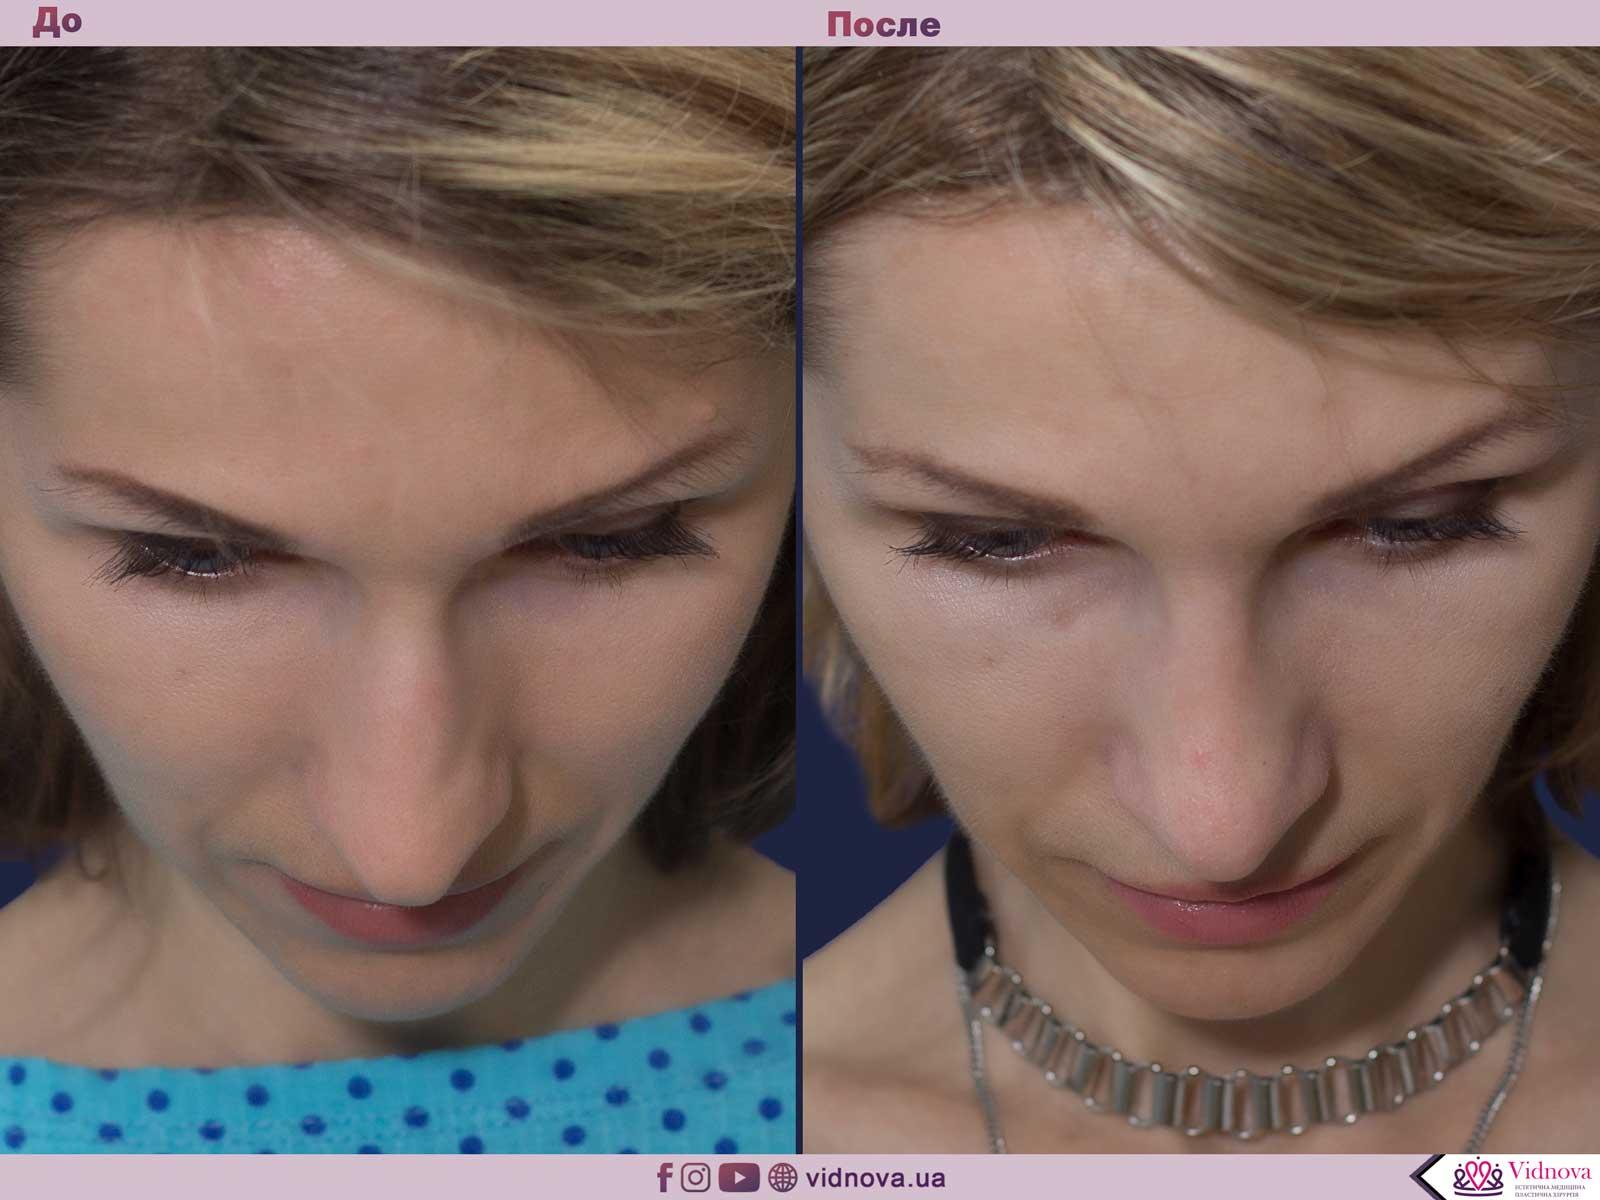 Ринопластика: Фото ДО и ПОСЛЕ - Пример №8-5 - Клиника Vidnova